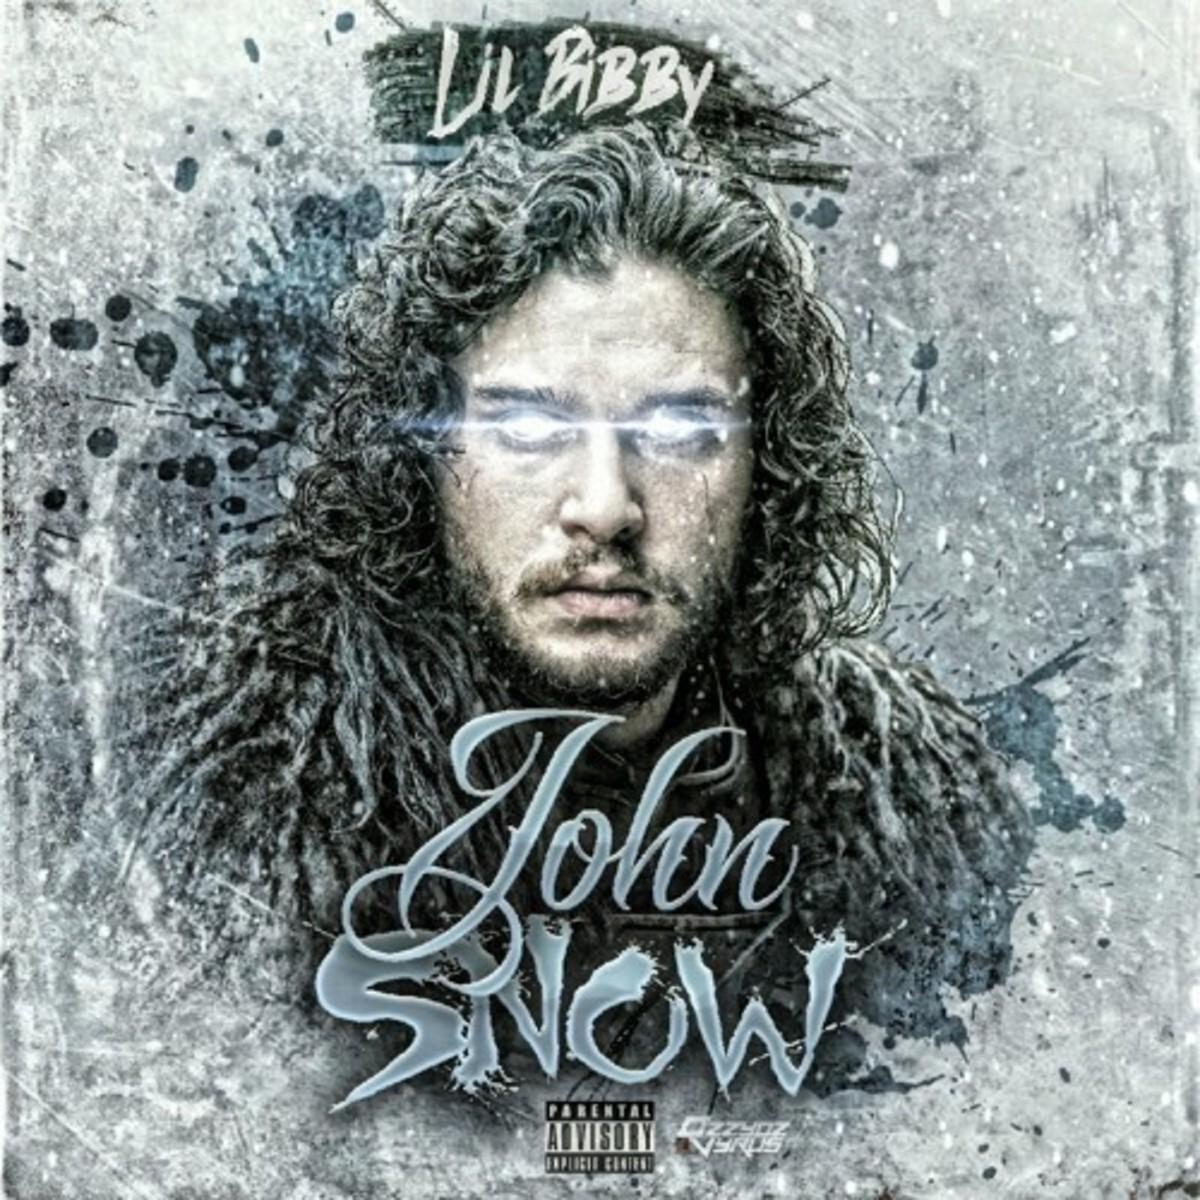 lil-bibby-john-snow.jpg